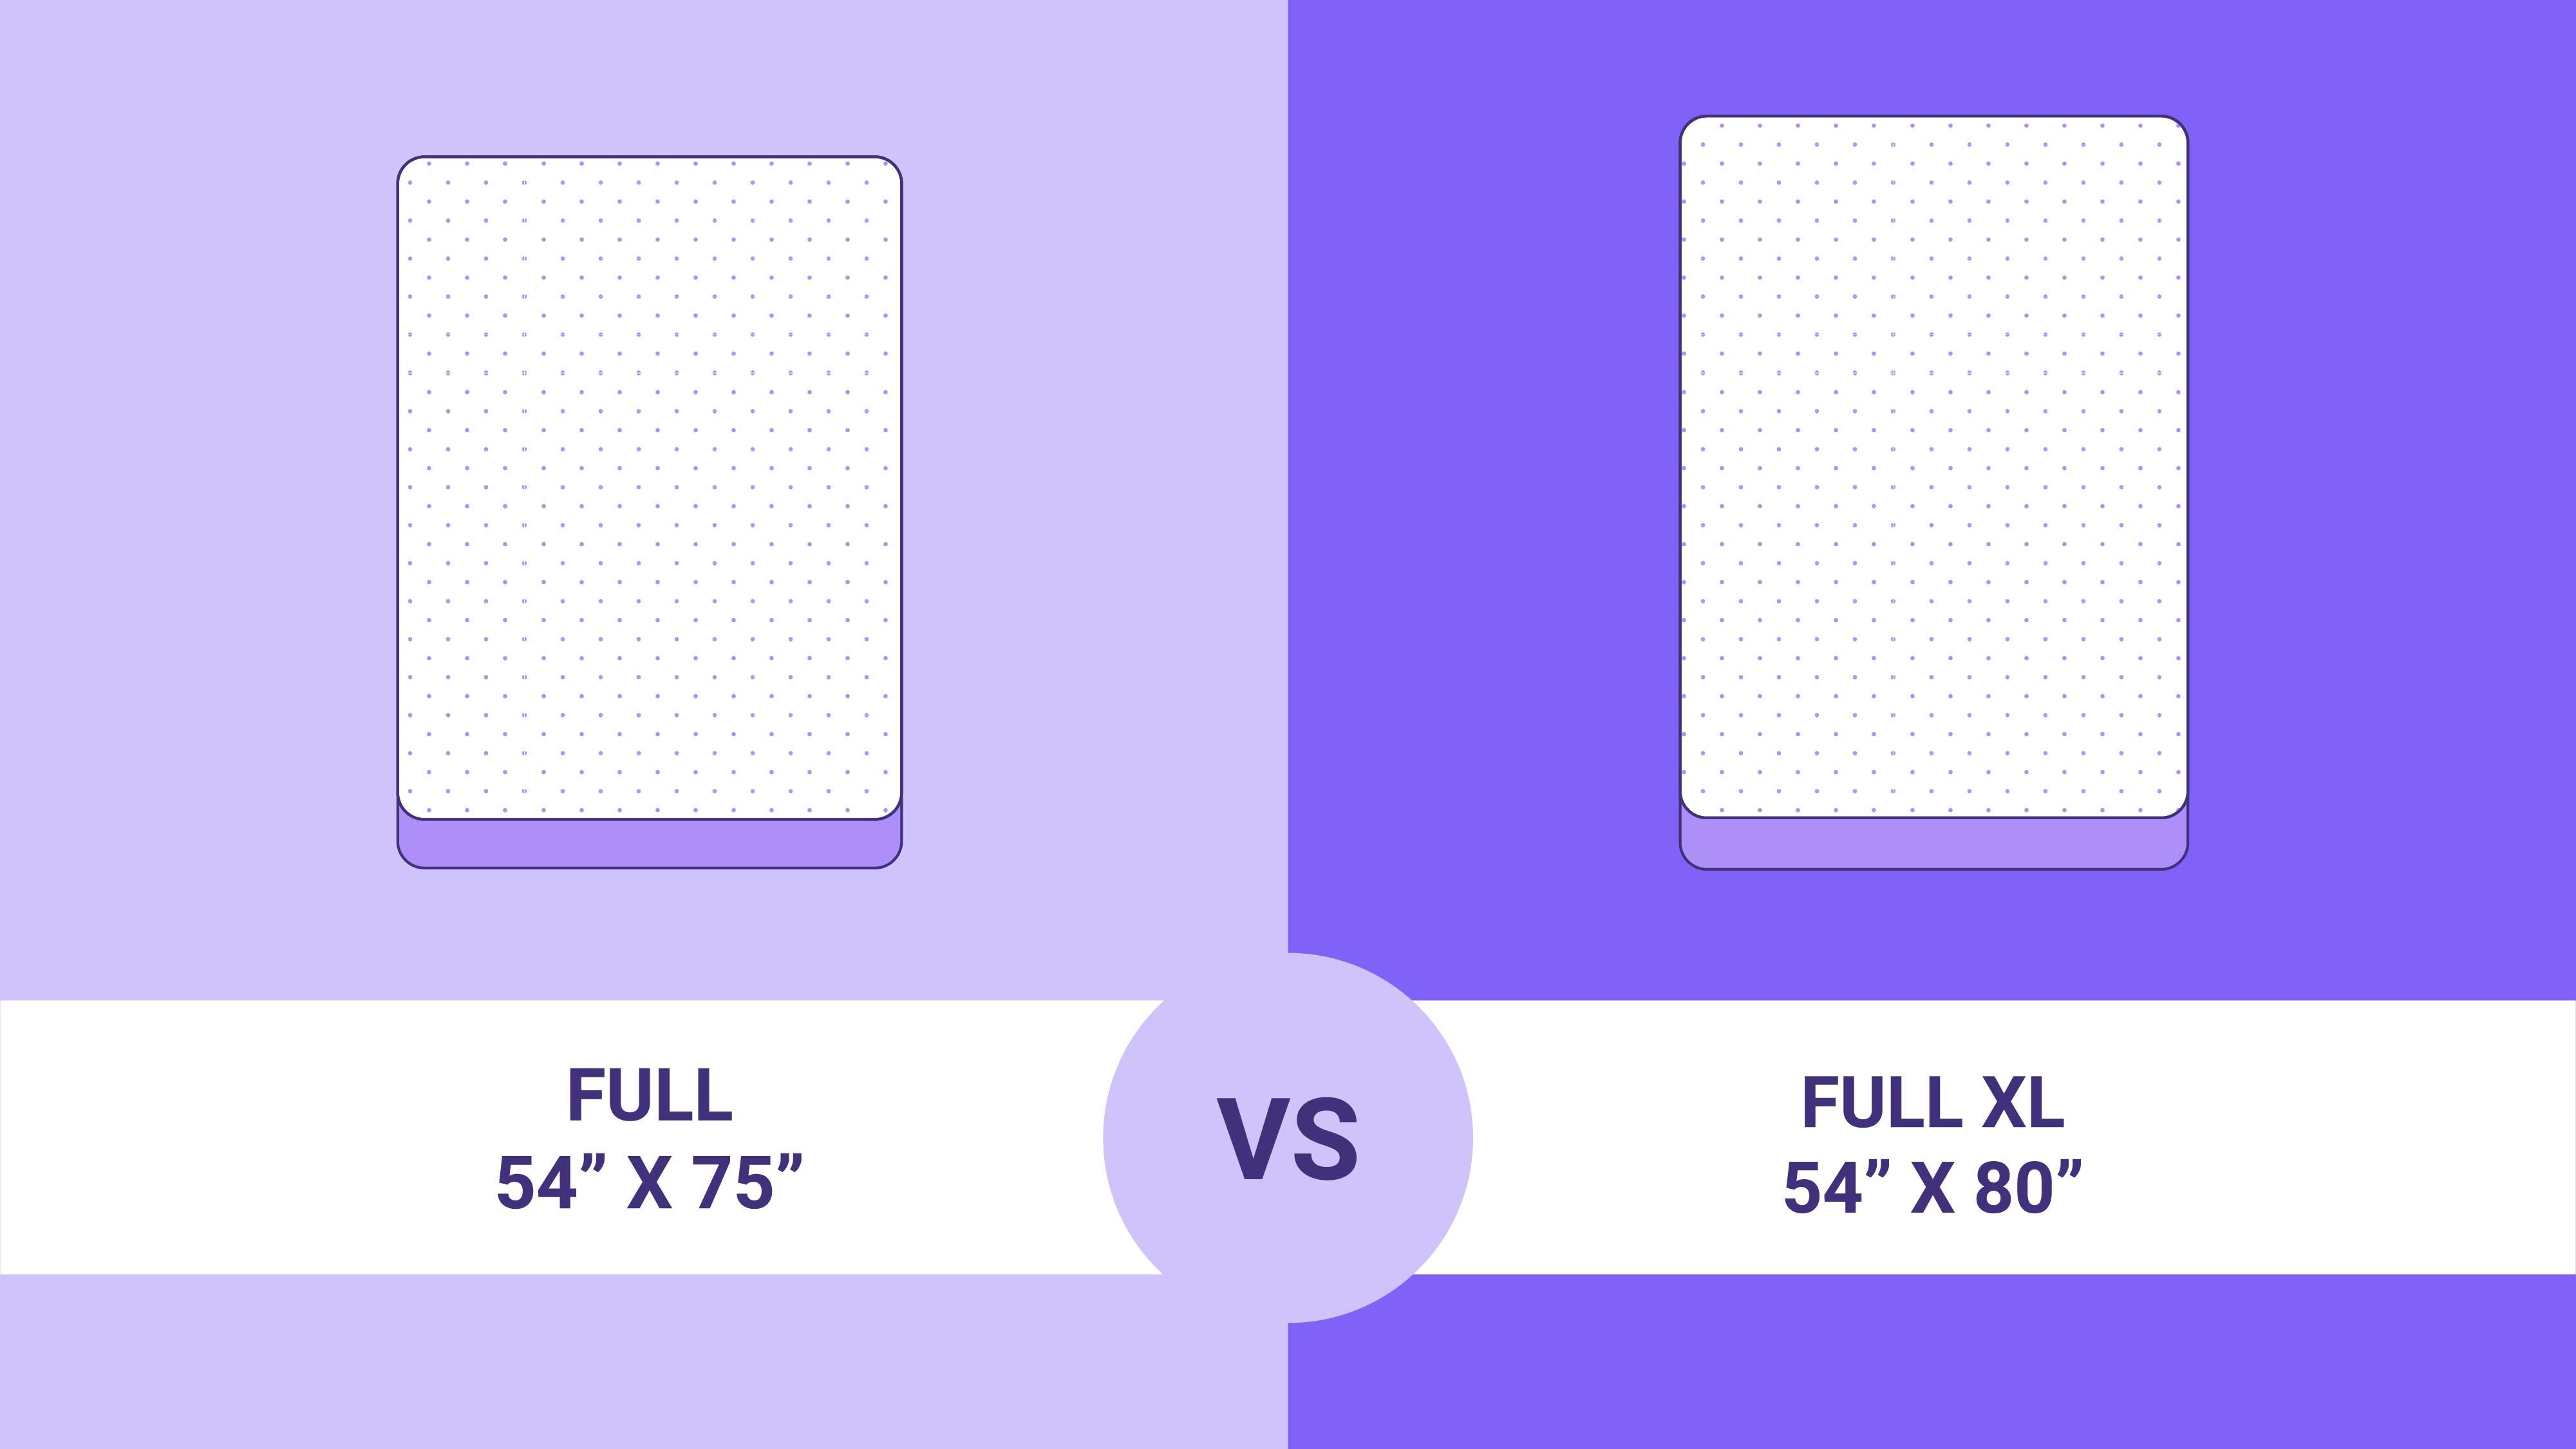 Full vs Full XL